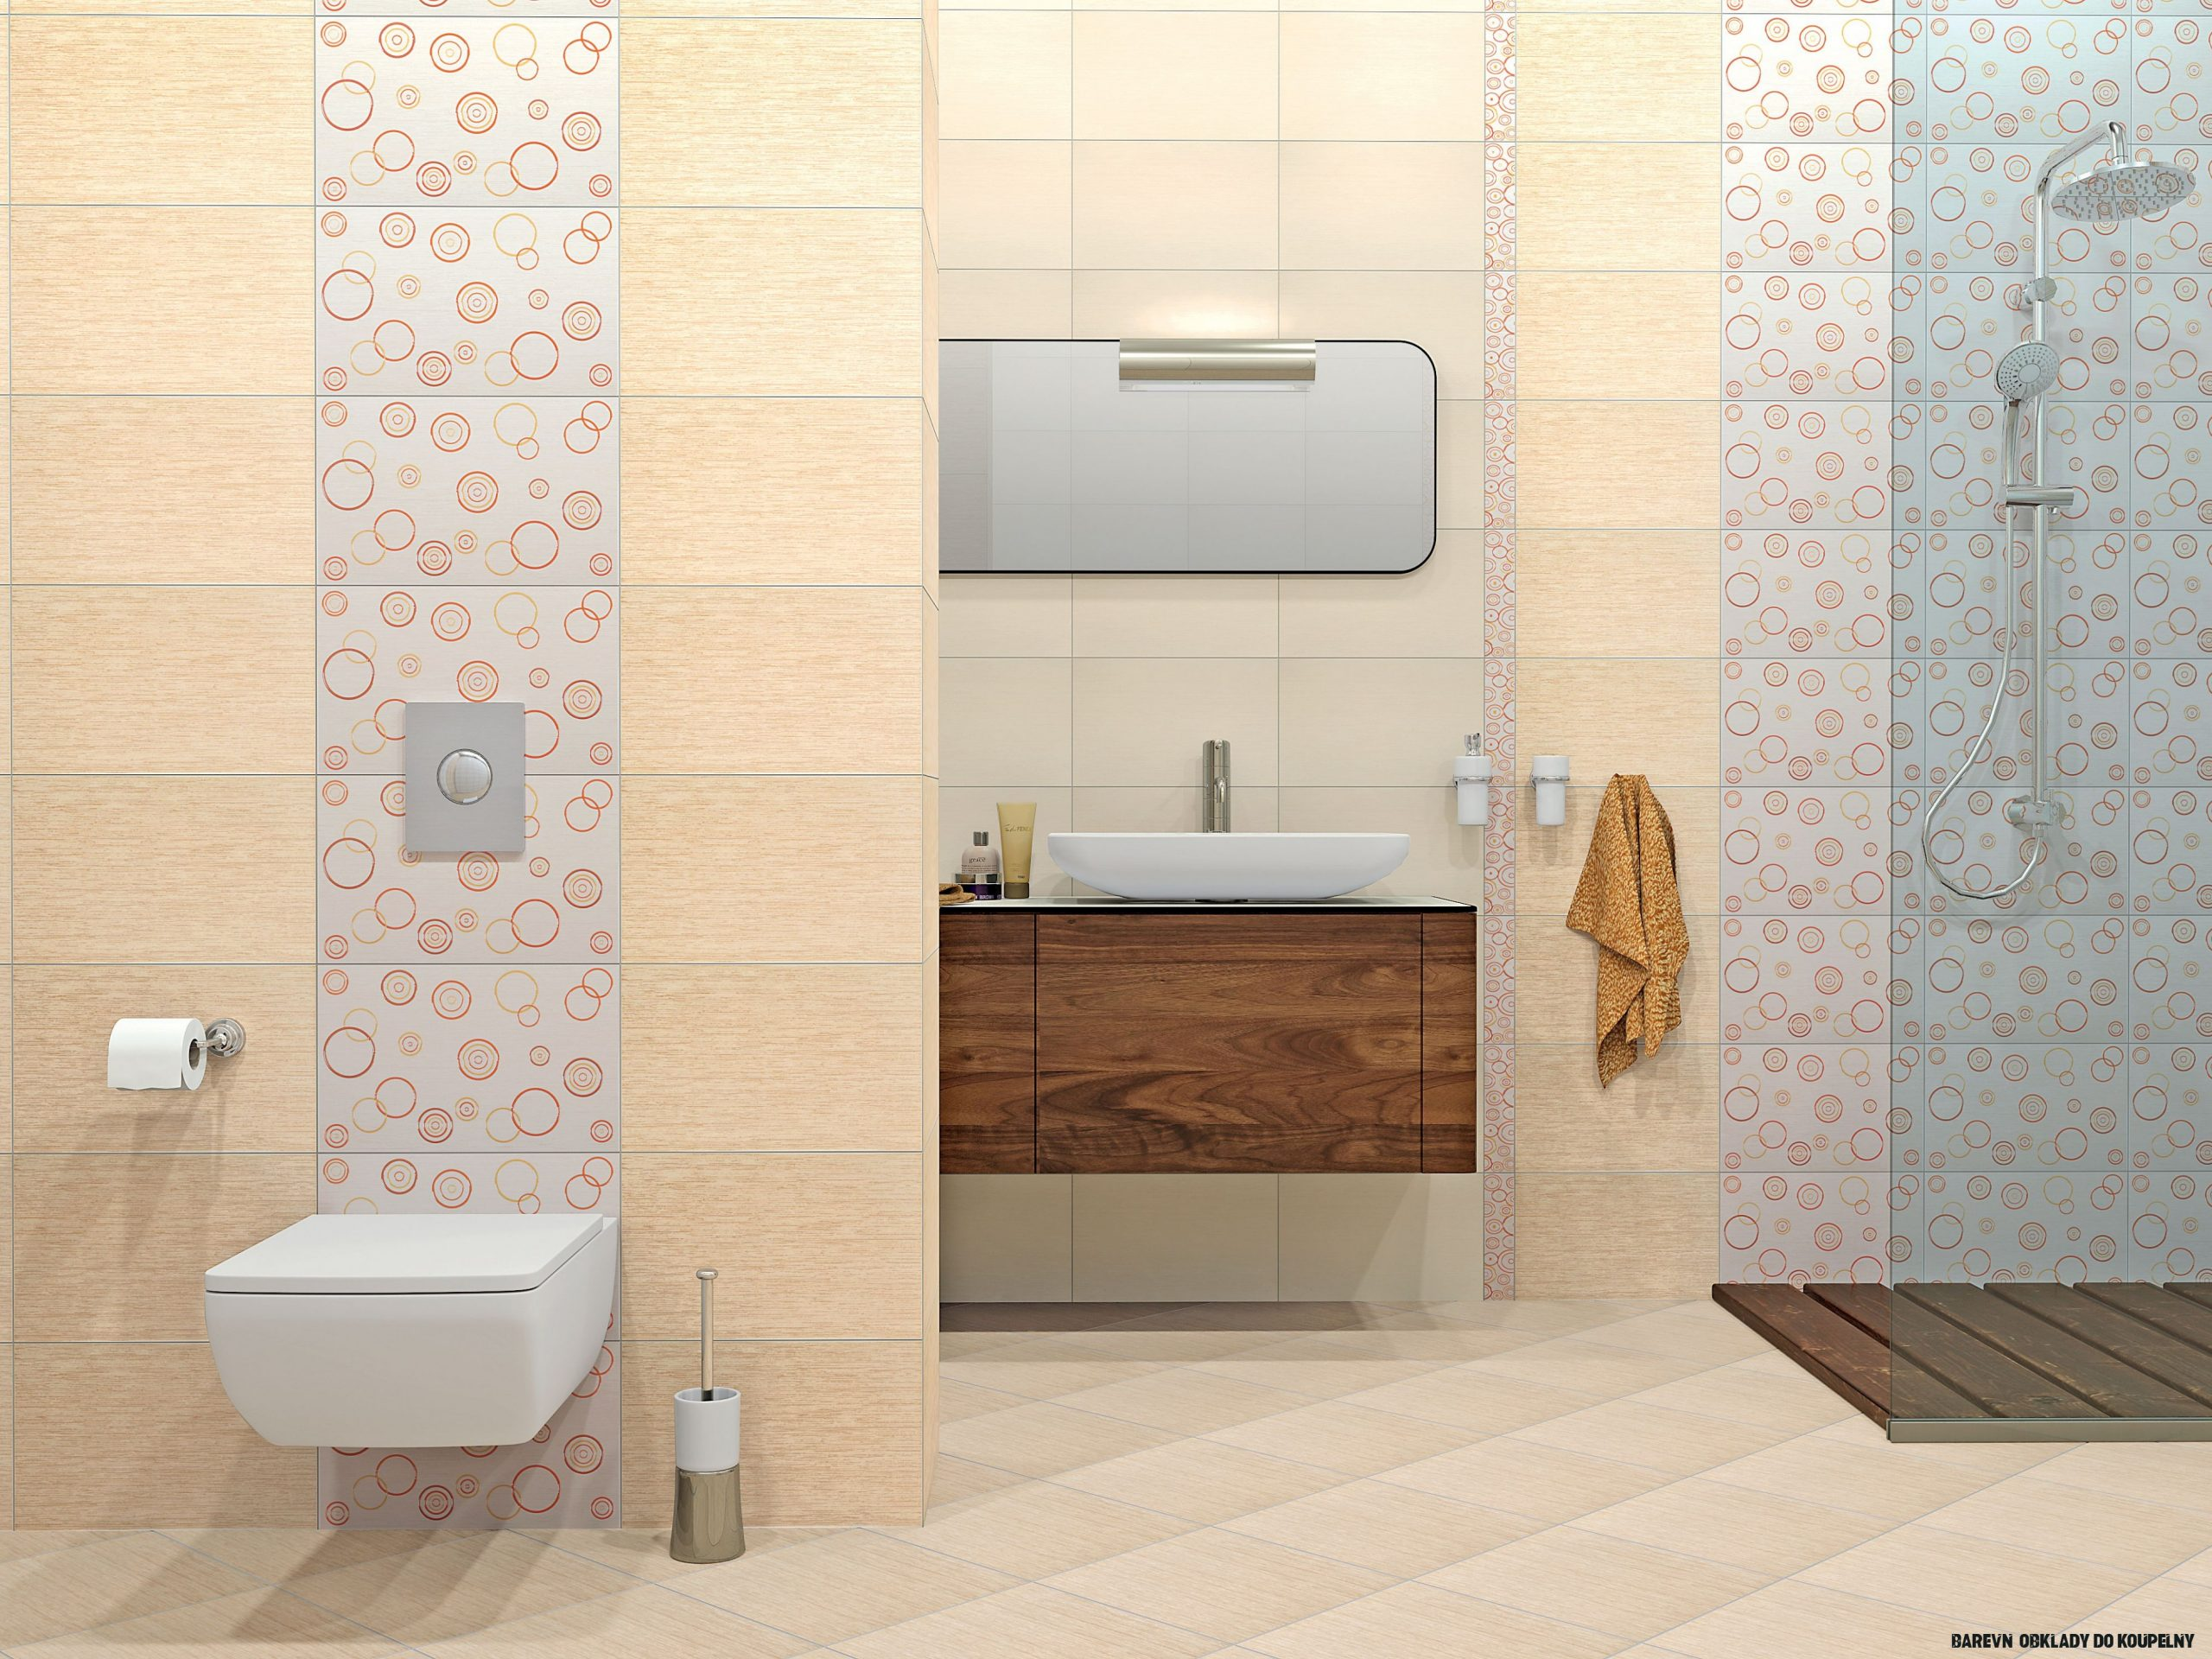 19 Obrázek Nápad z Barevné Obklady Do Koupelny